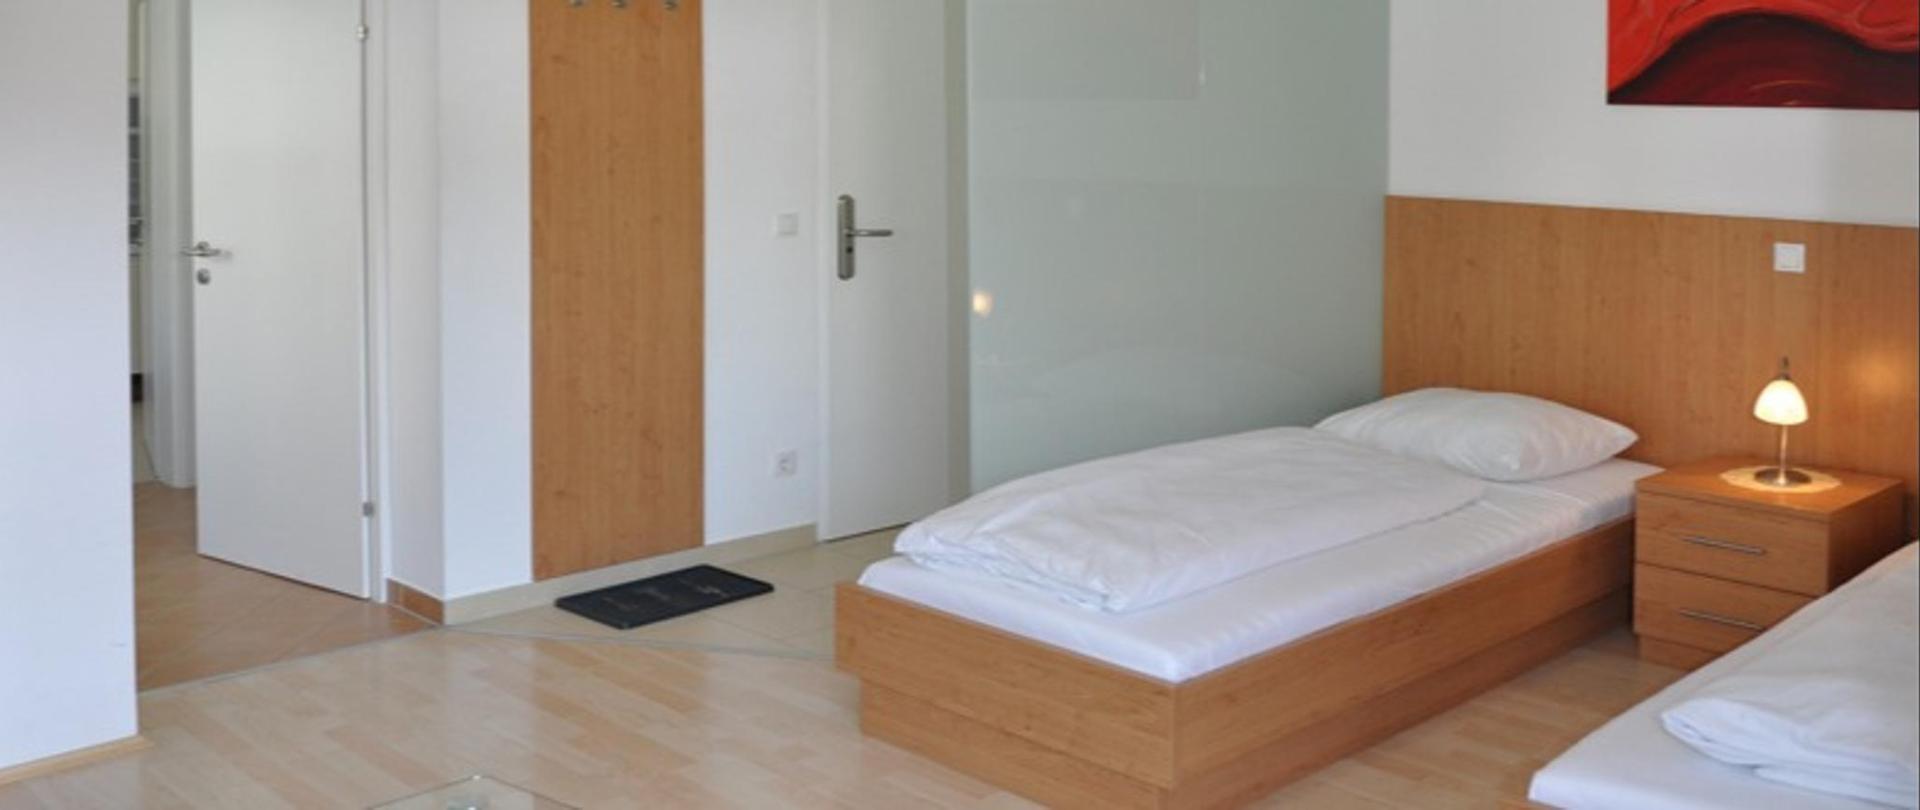 Appartement 1_164_72dpi.jpg